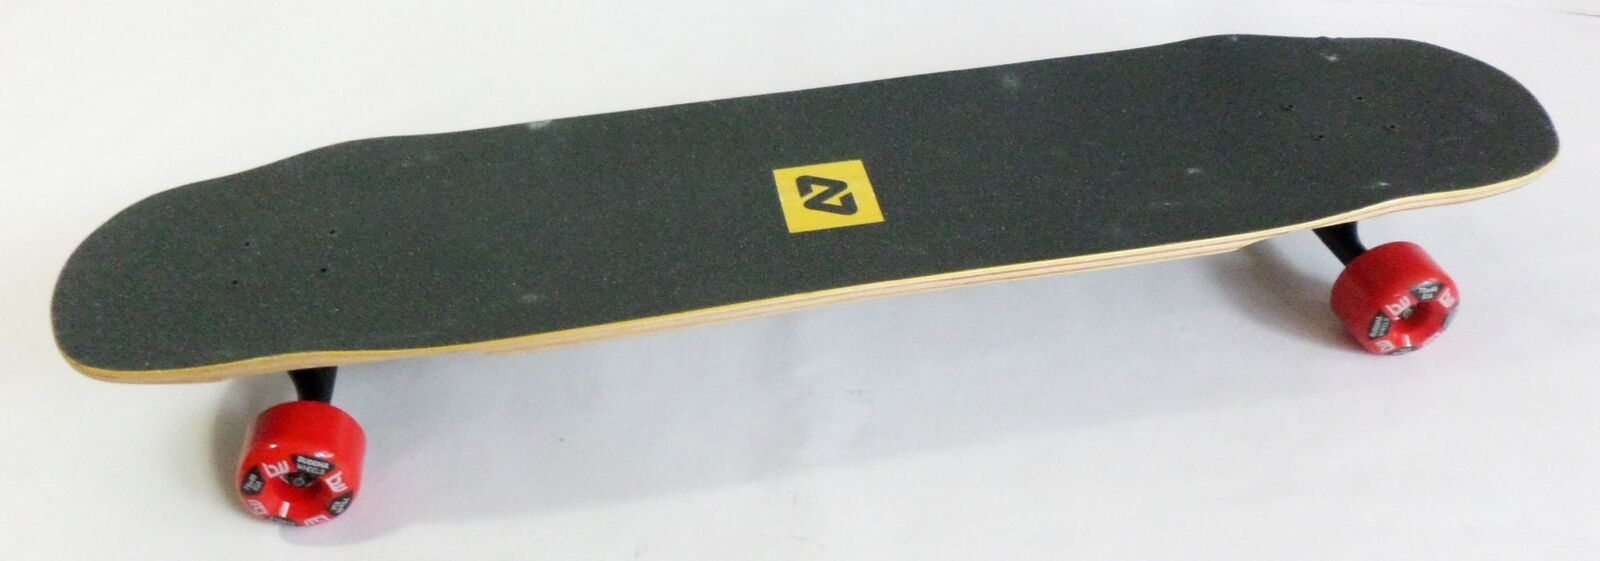 Hydroponic  Ariki Ariki  Tune Longboard 38,5x9,5